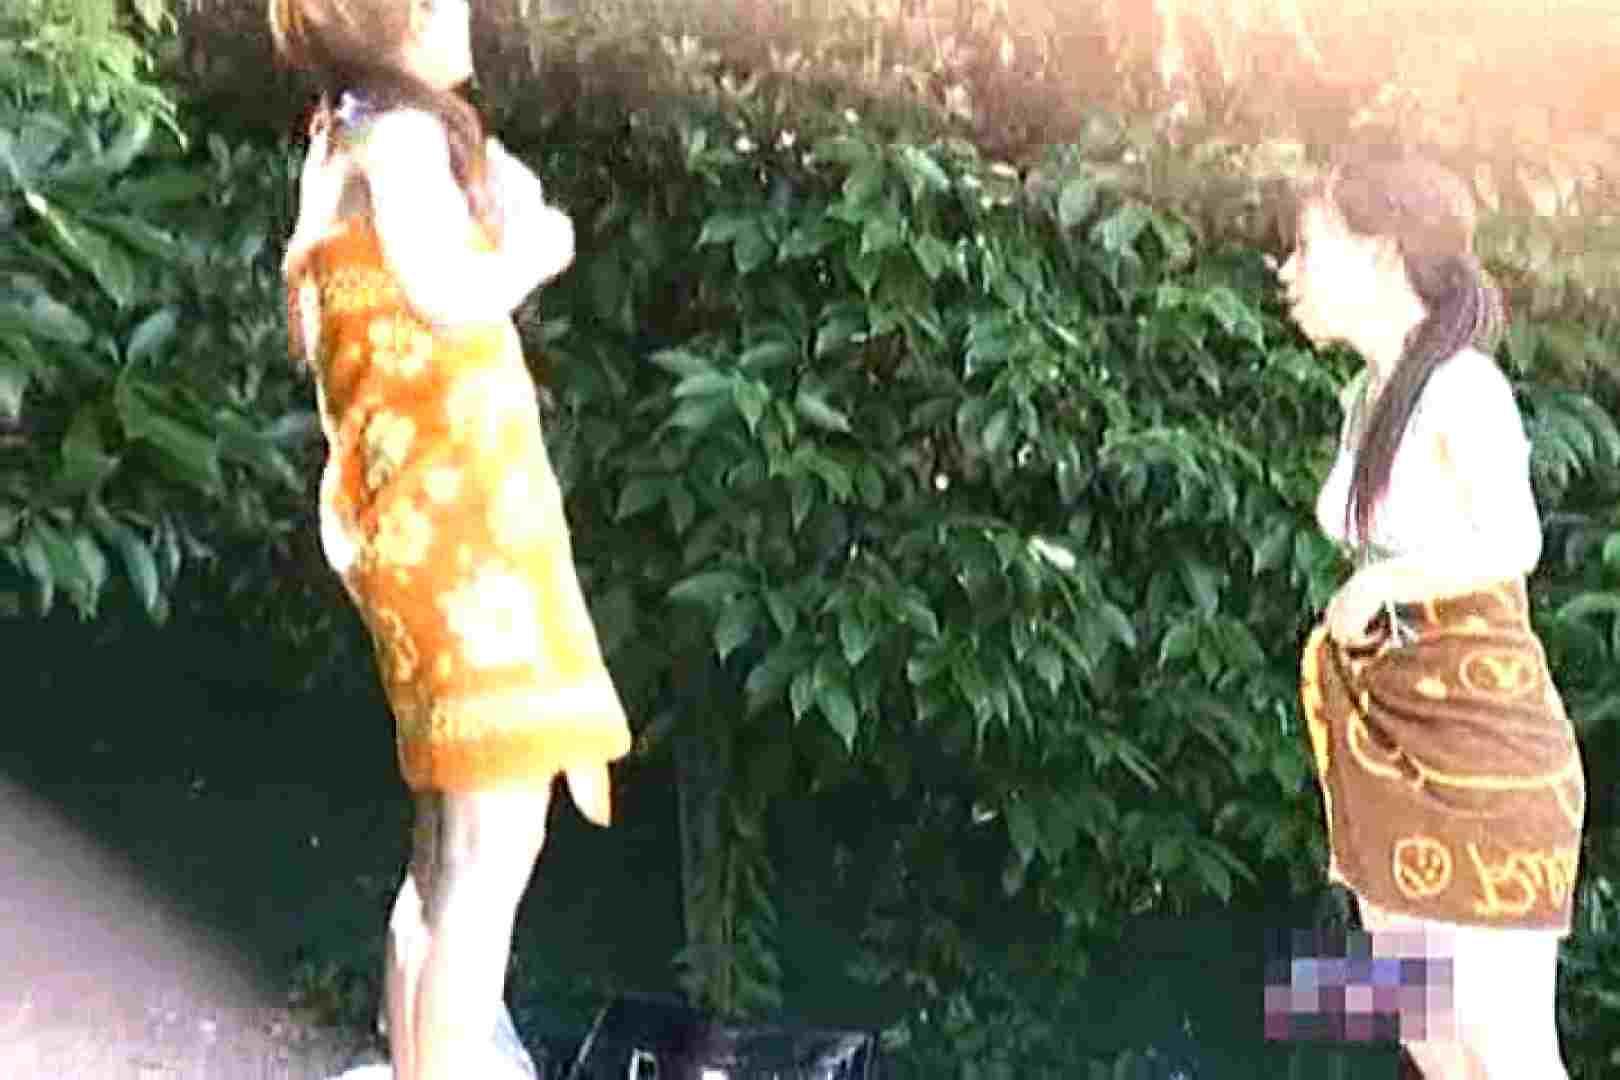 水着ギャルスッポンポンで生着替えVol.2 盗撮特集 | ギャルのエロ動画  69画像 13